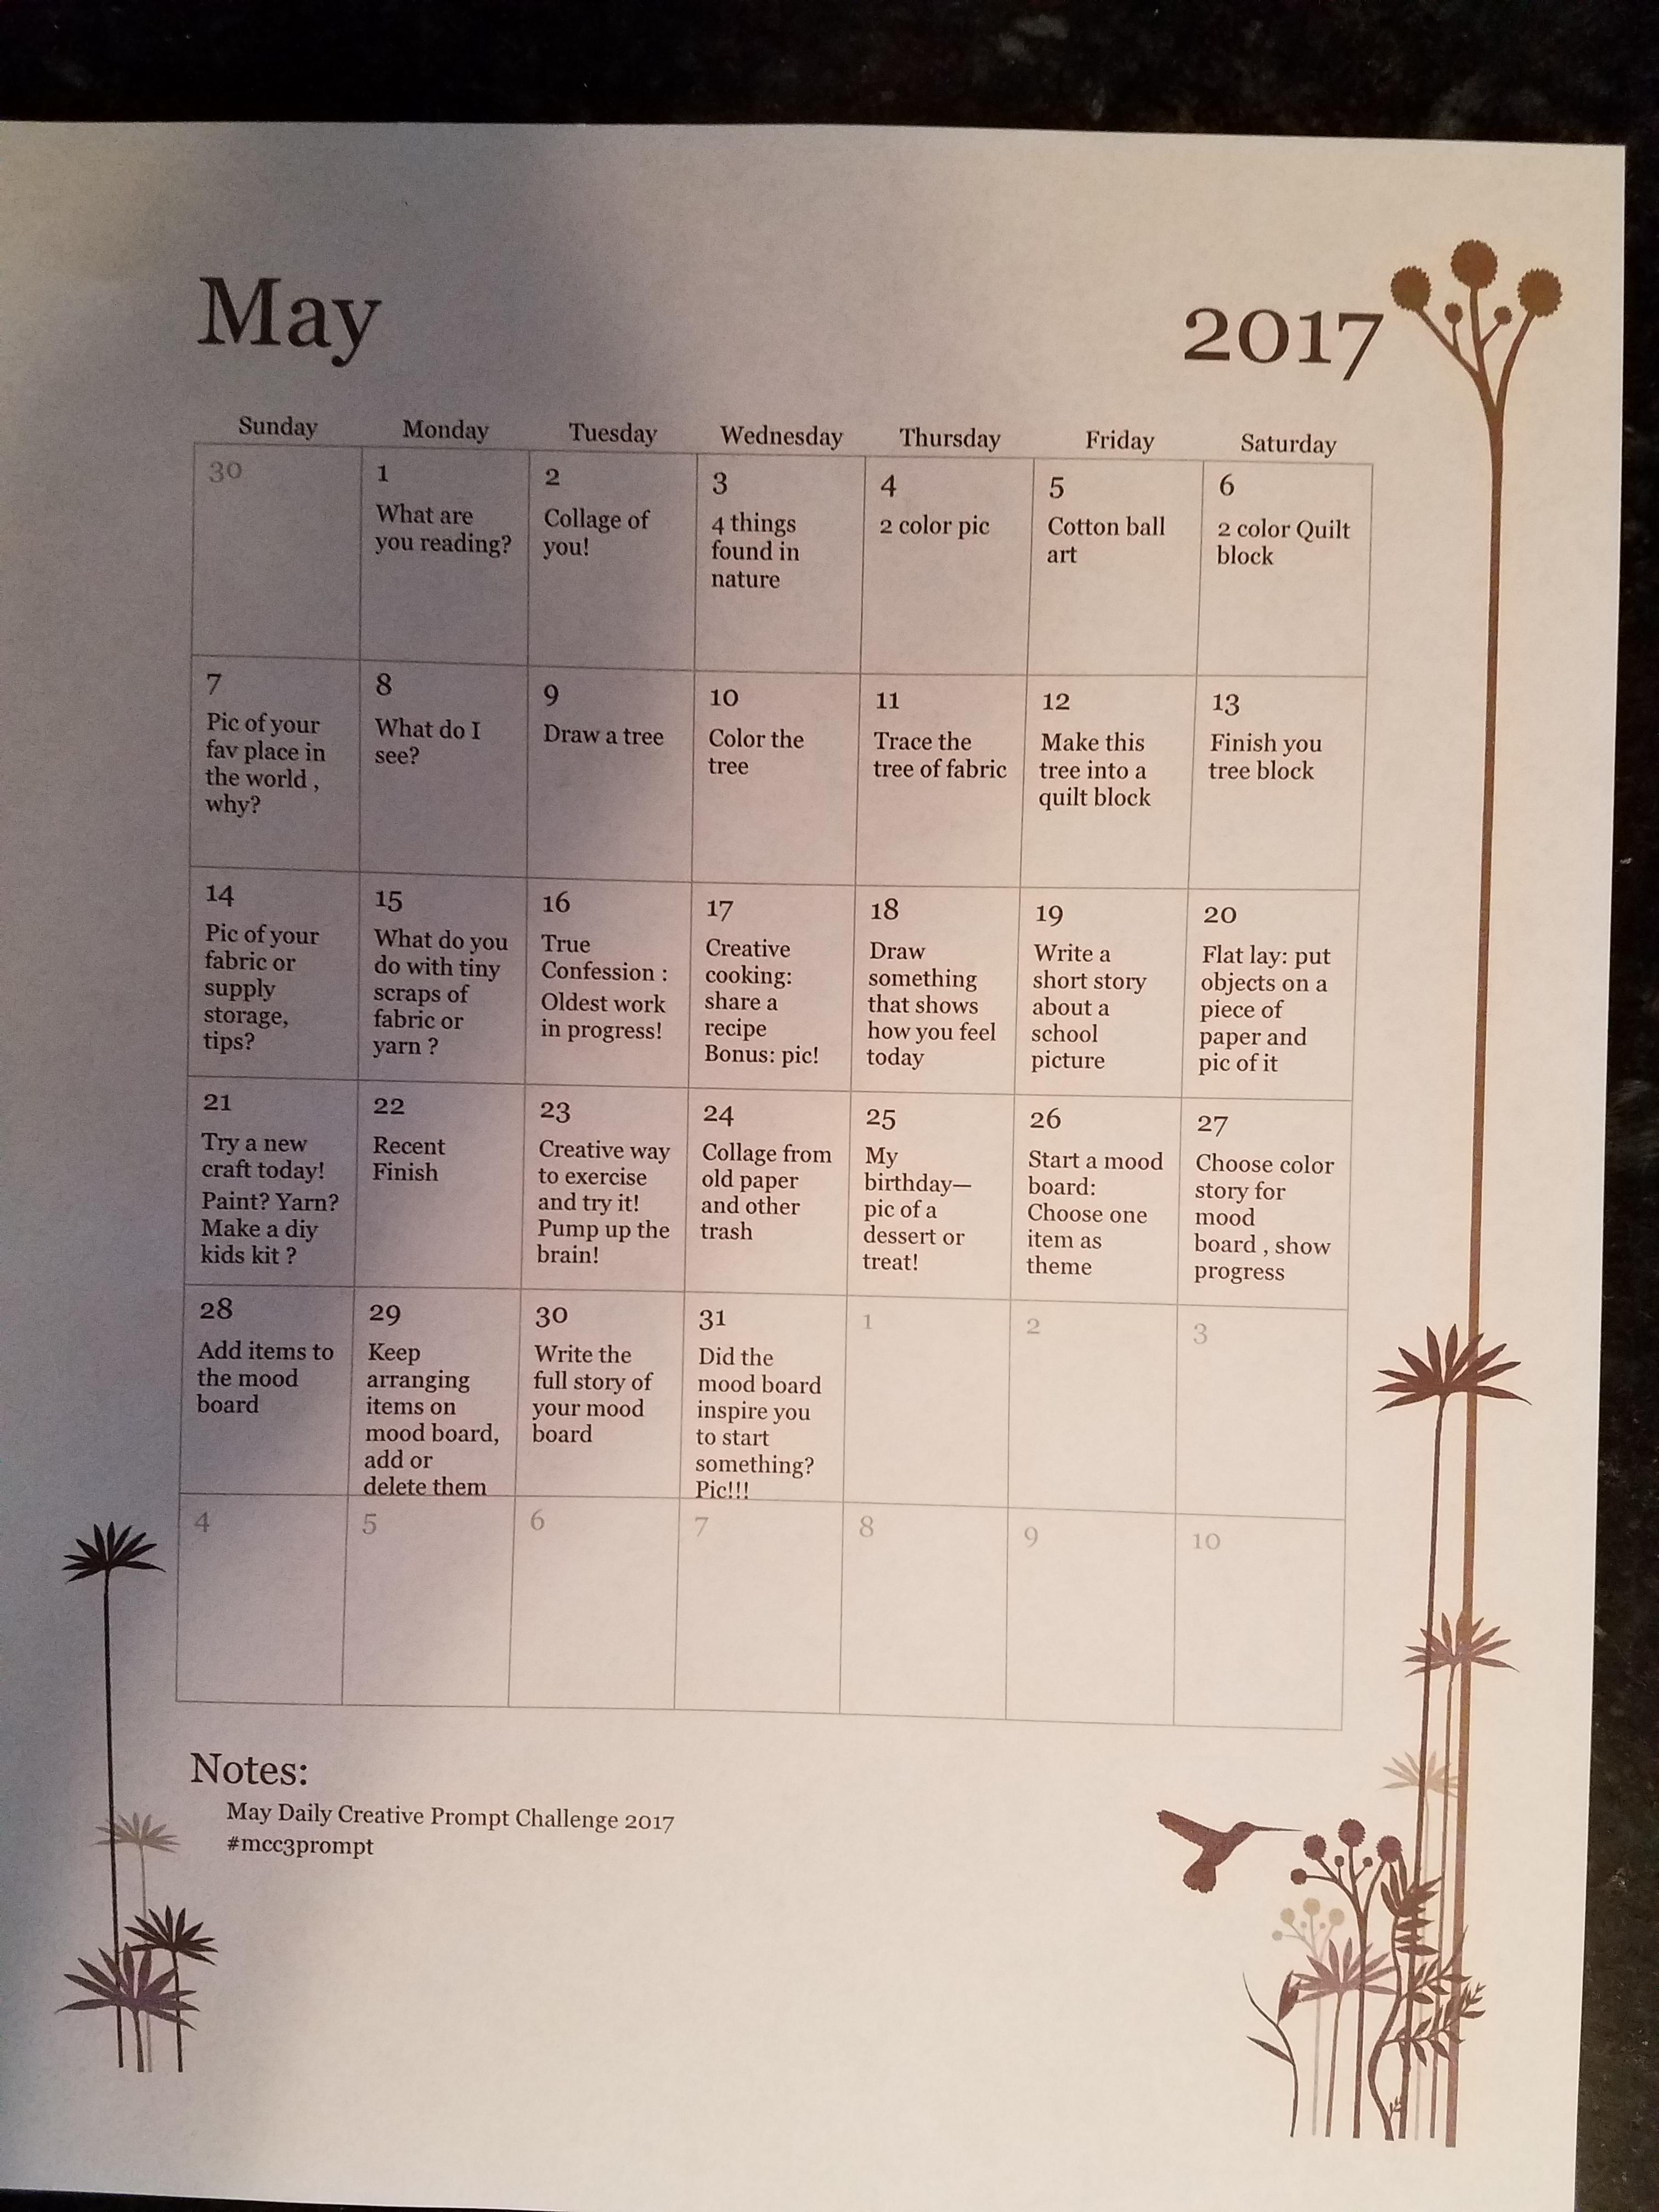 2017-04-29 07.14.38.jpg